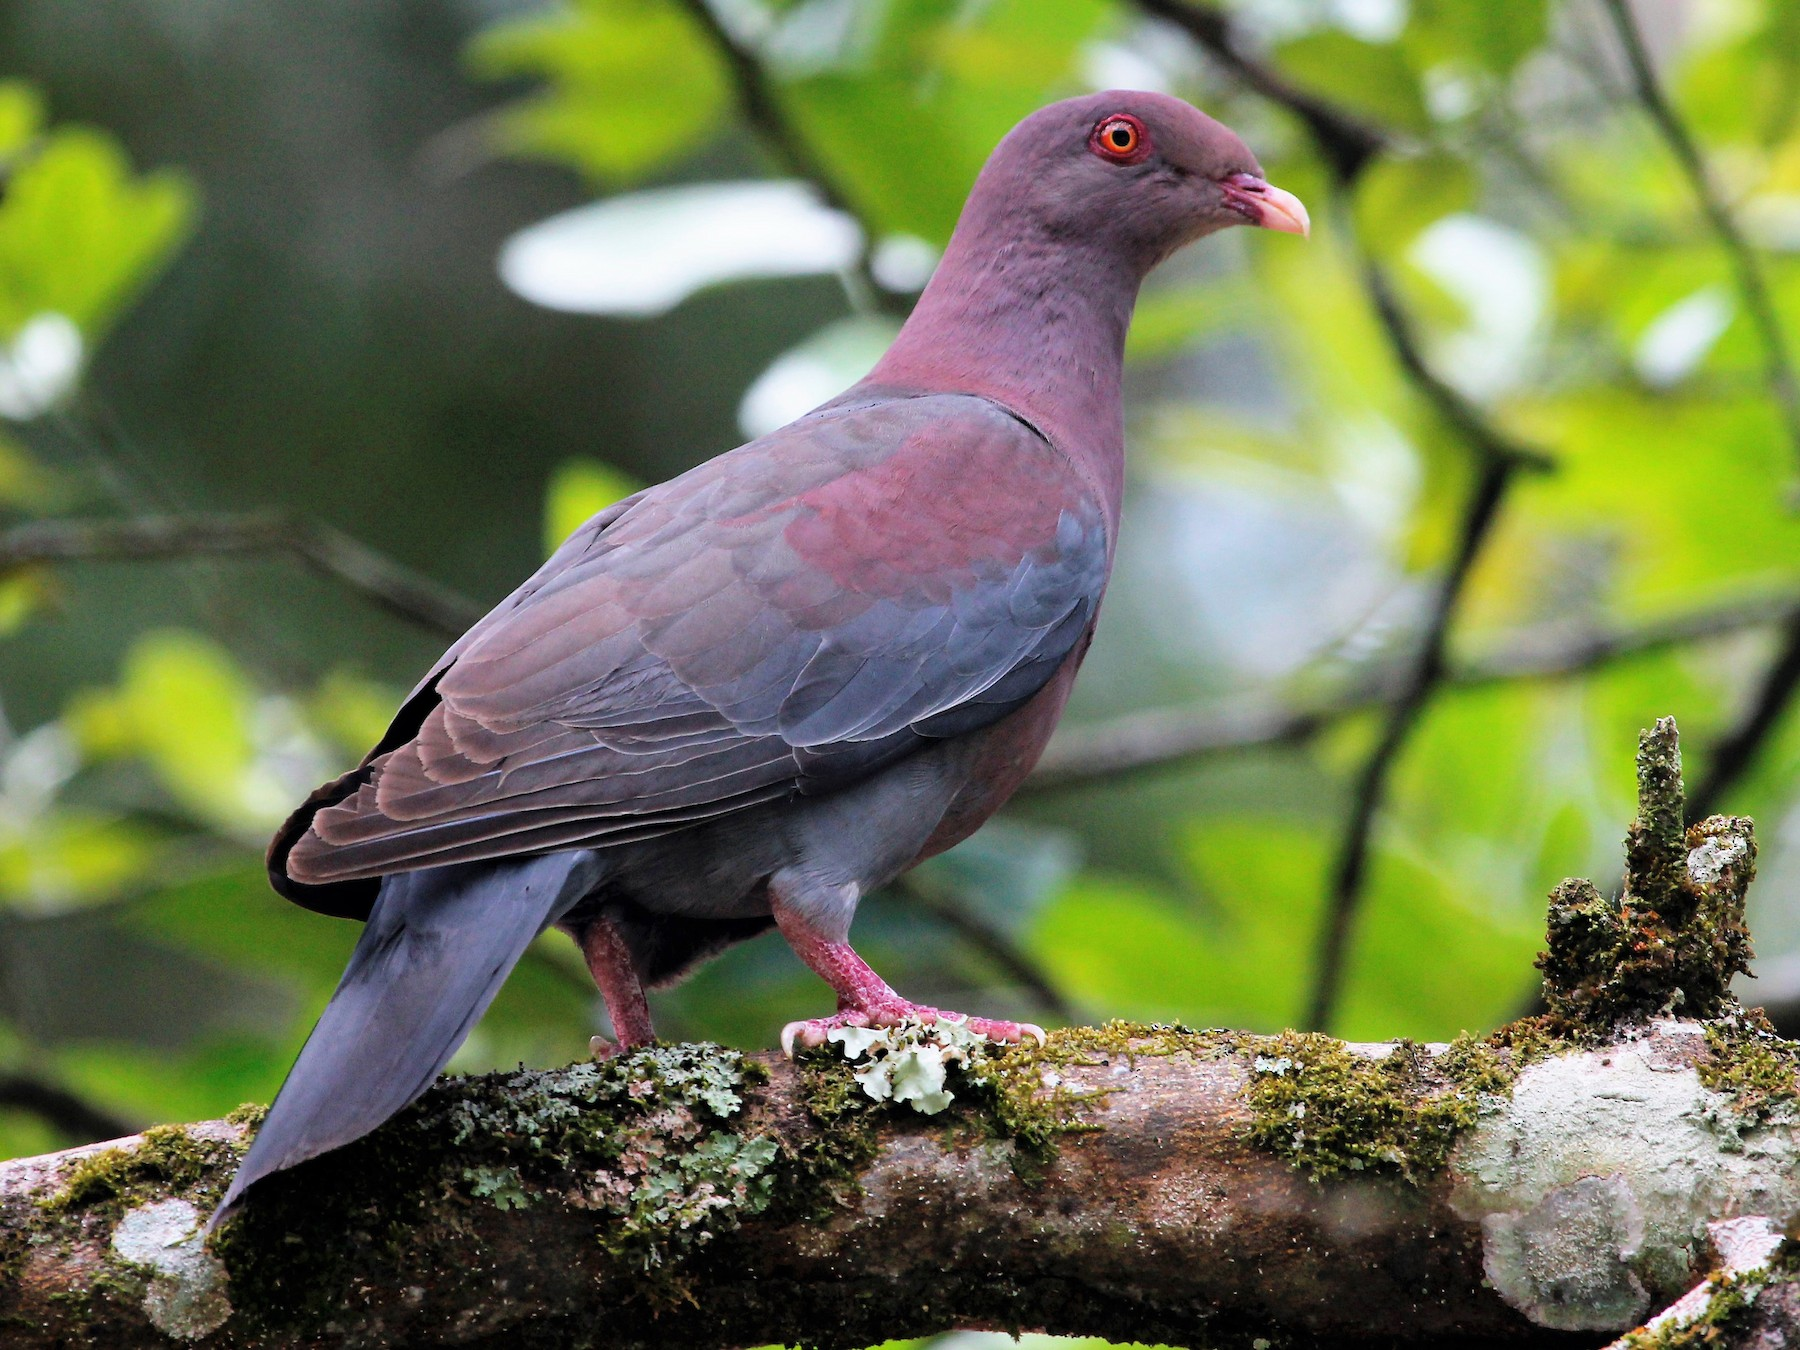 Red-billed Pigeon - Isaias Morataya